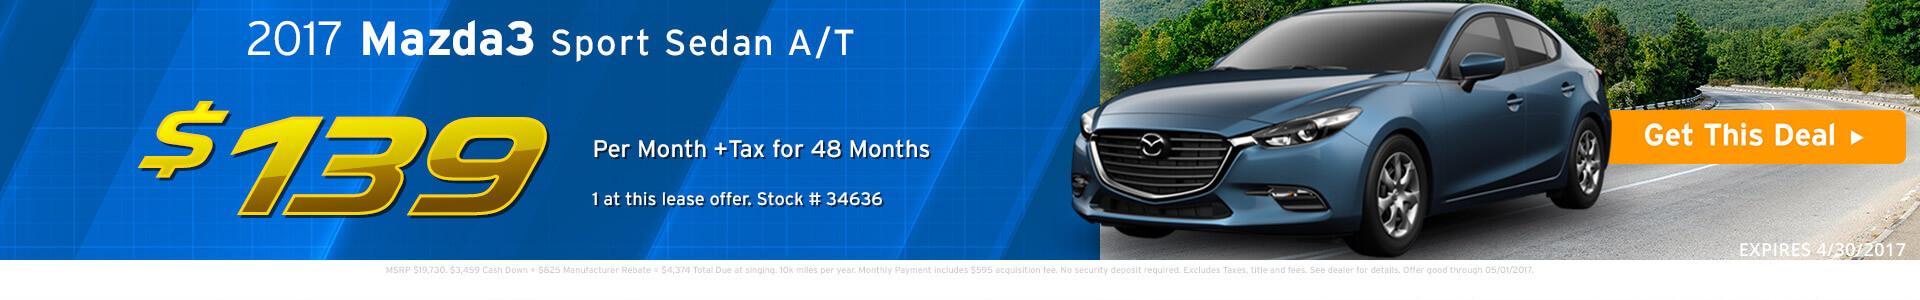 Mazda 3 Sedan SRP